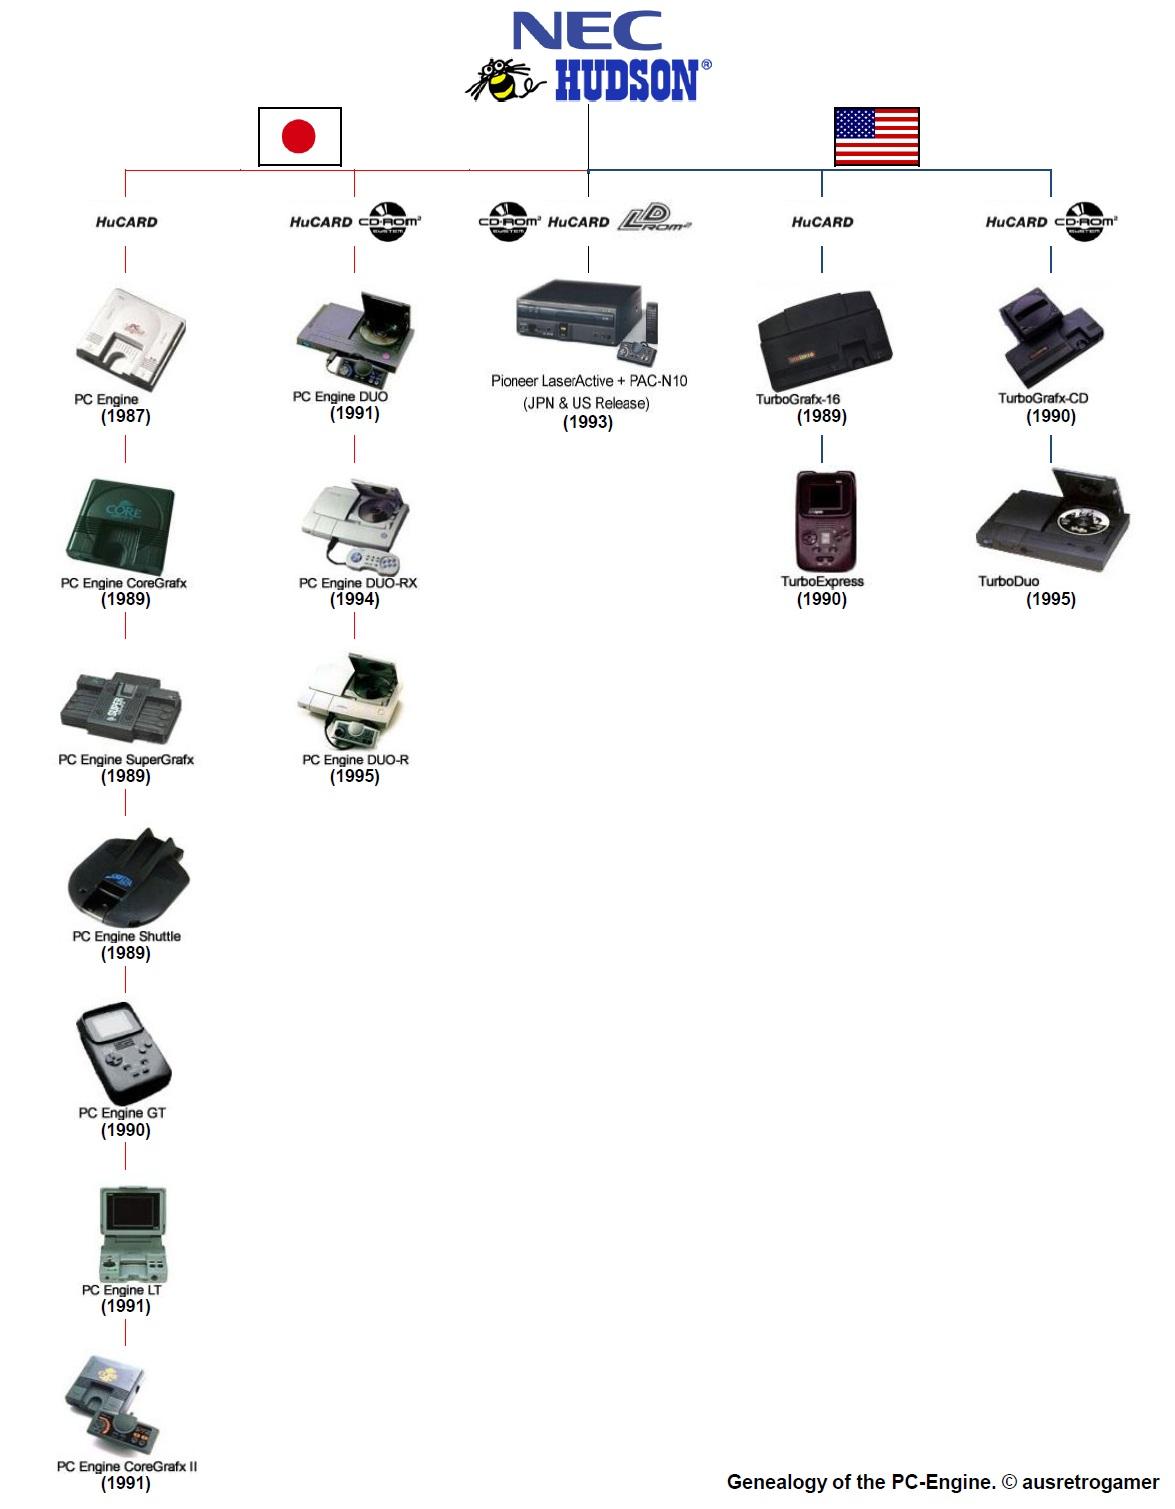 PC-Engine-Genealogy